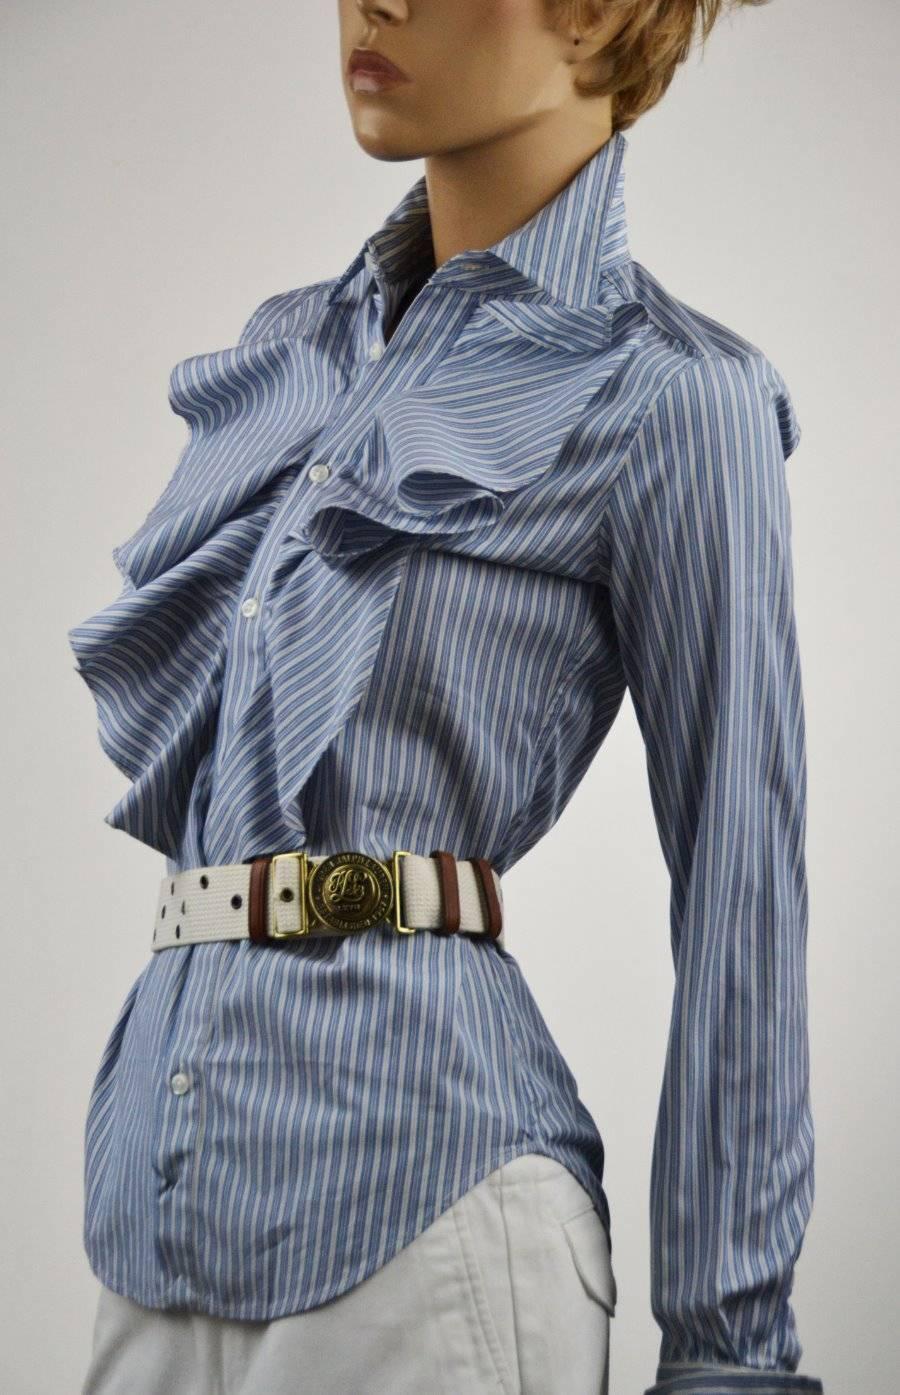 Ralph Lauren Sport Blau & Weiß Stripe Long Sleeve Blouse  Shirt - NWT